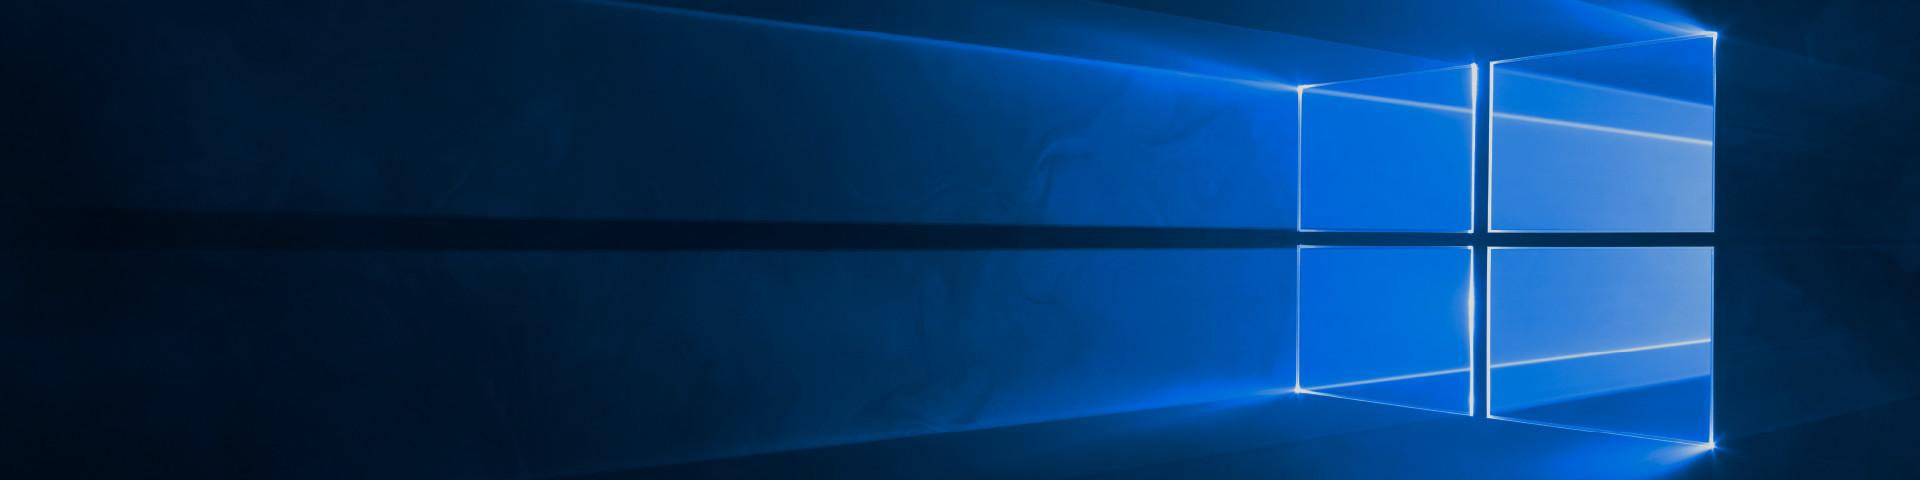 光線透過四格窗照進來,購買並下載 Windows 10